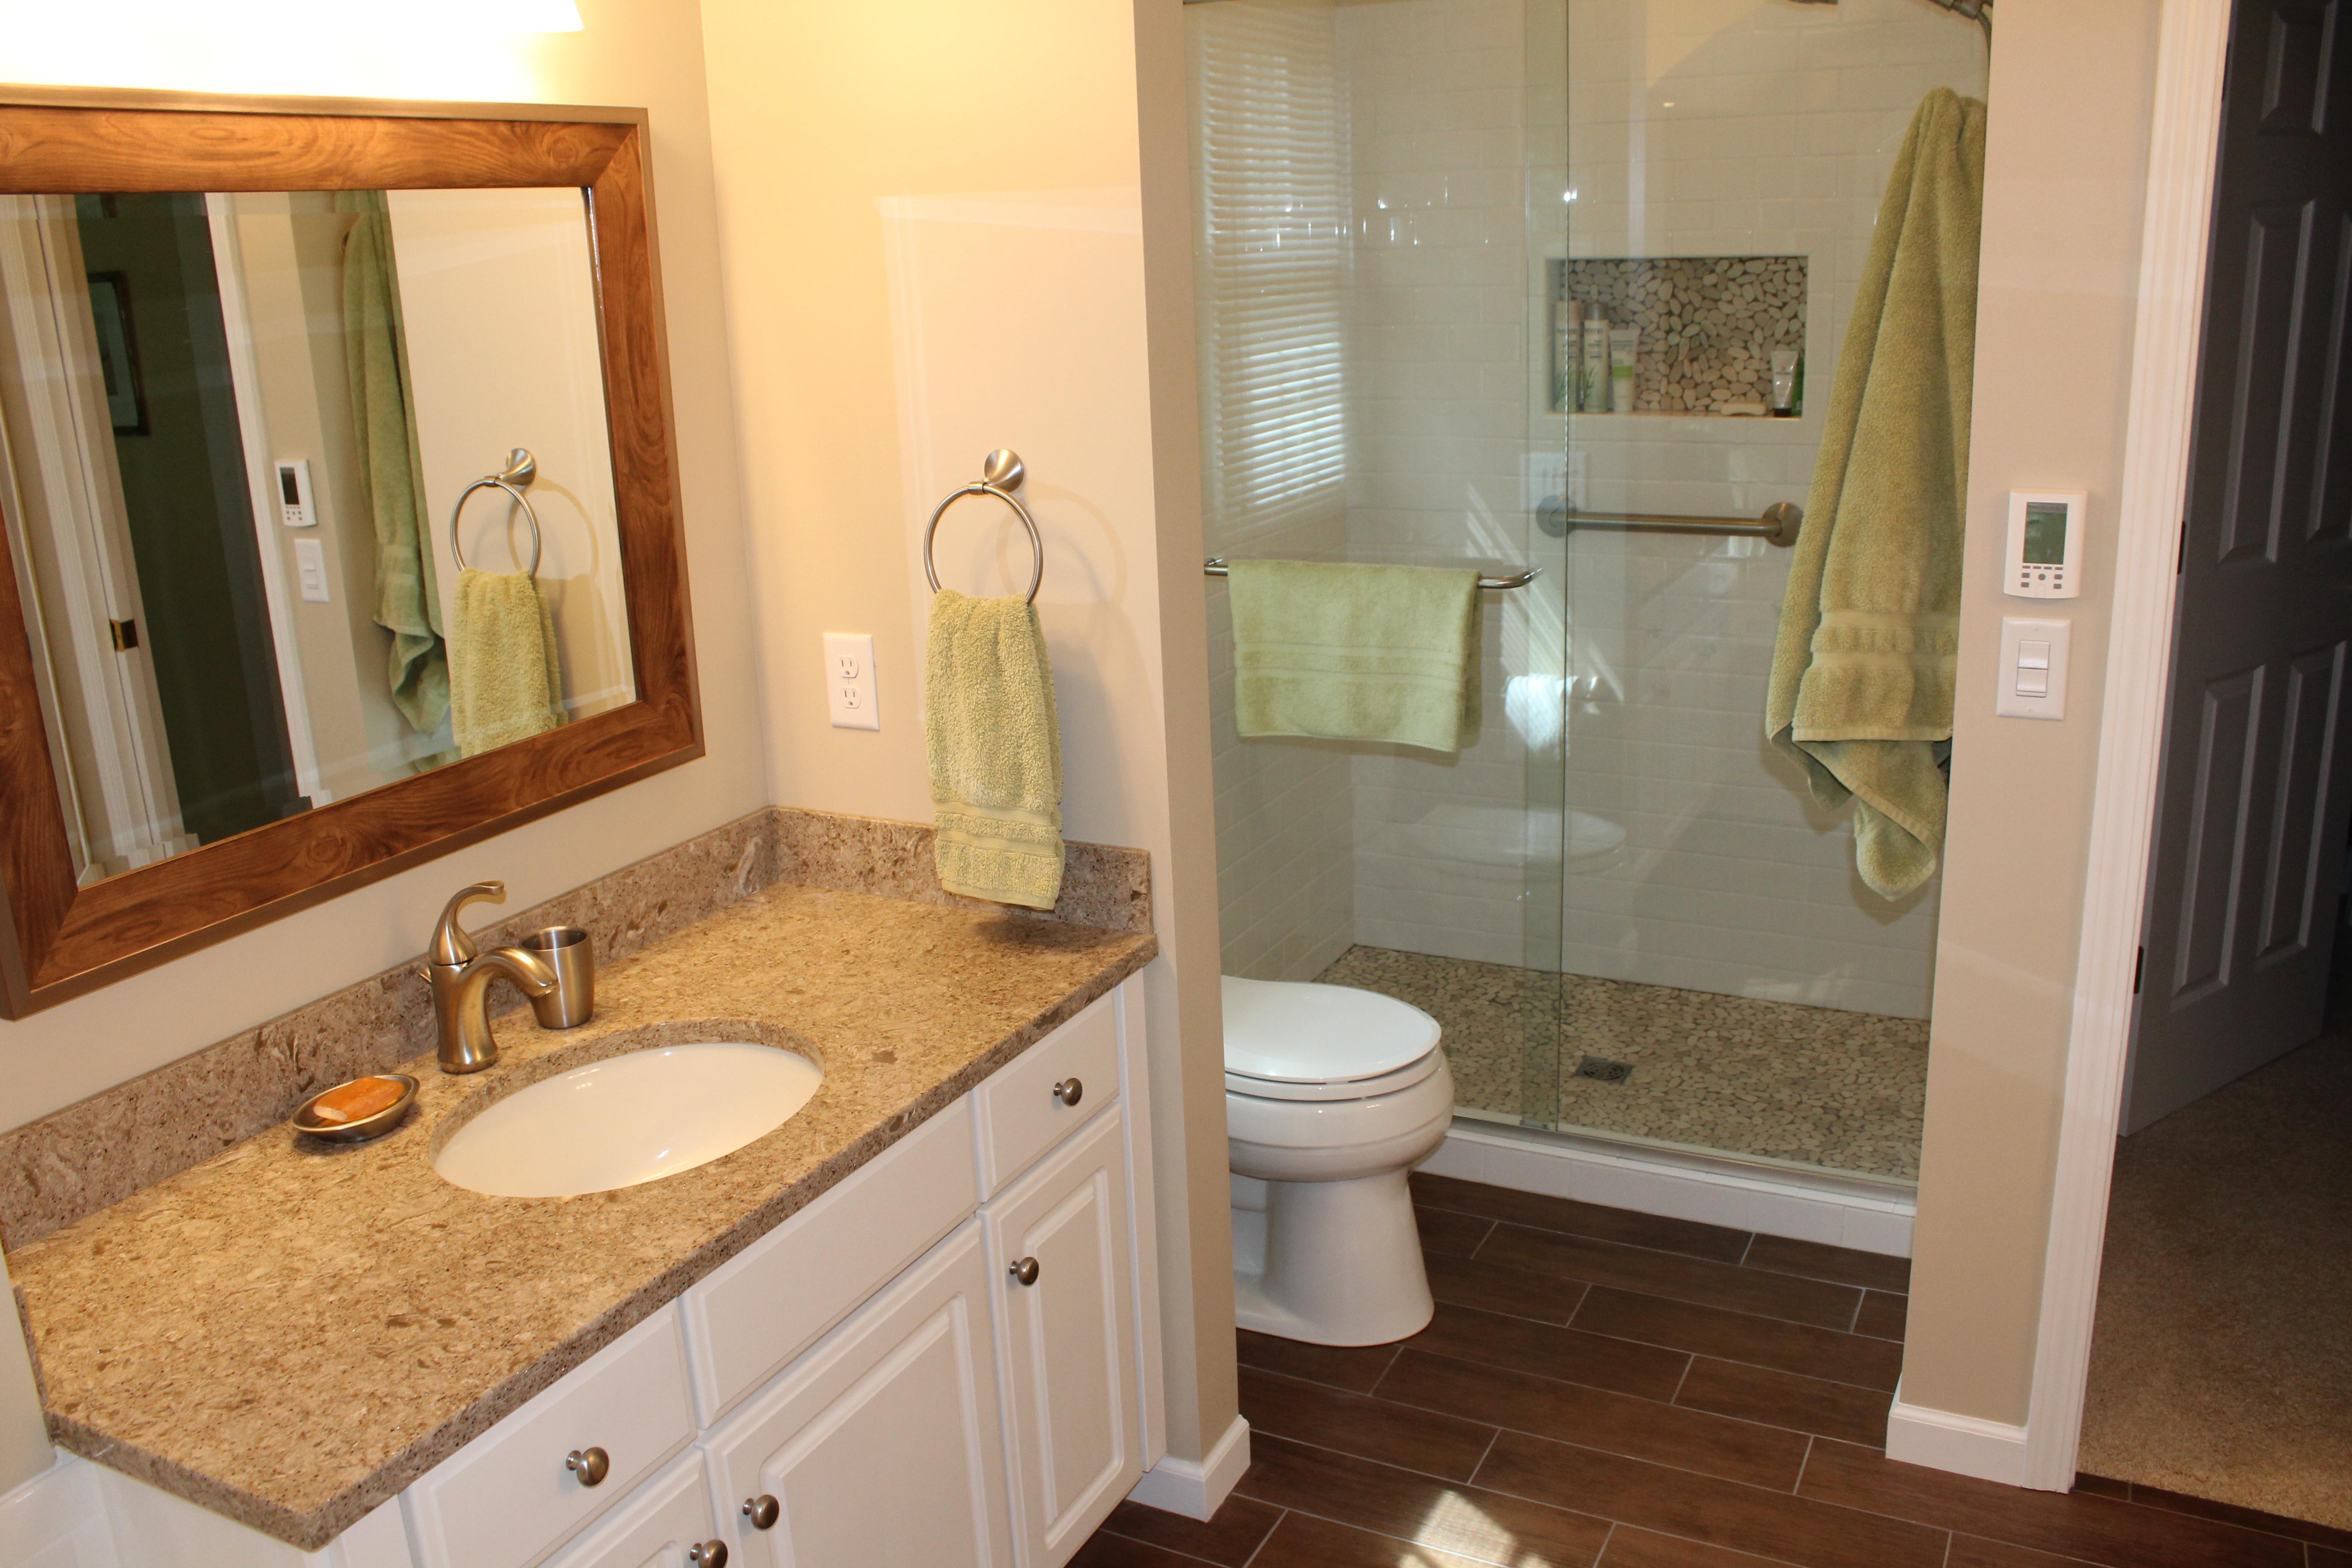 Exceptionnel Portage Bathroom Remodel